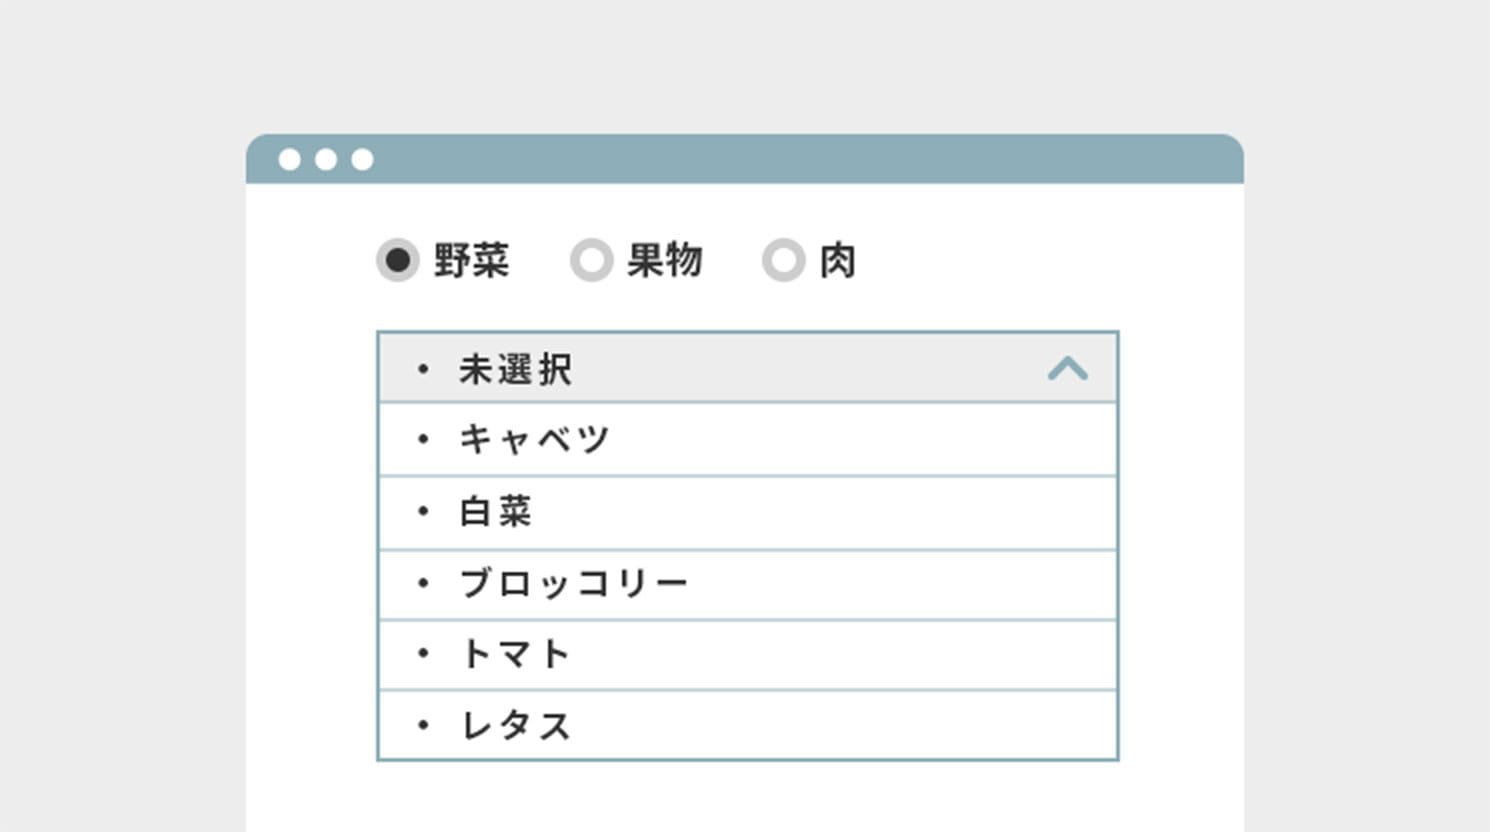 サンプルコードイメージ